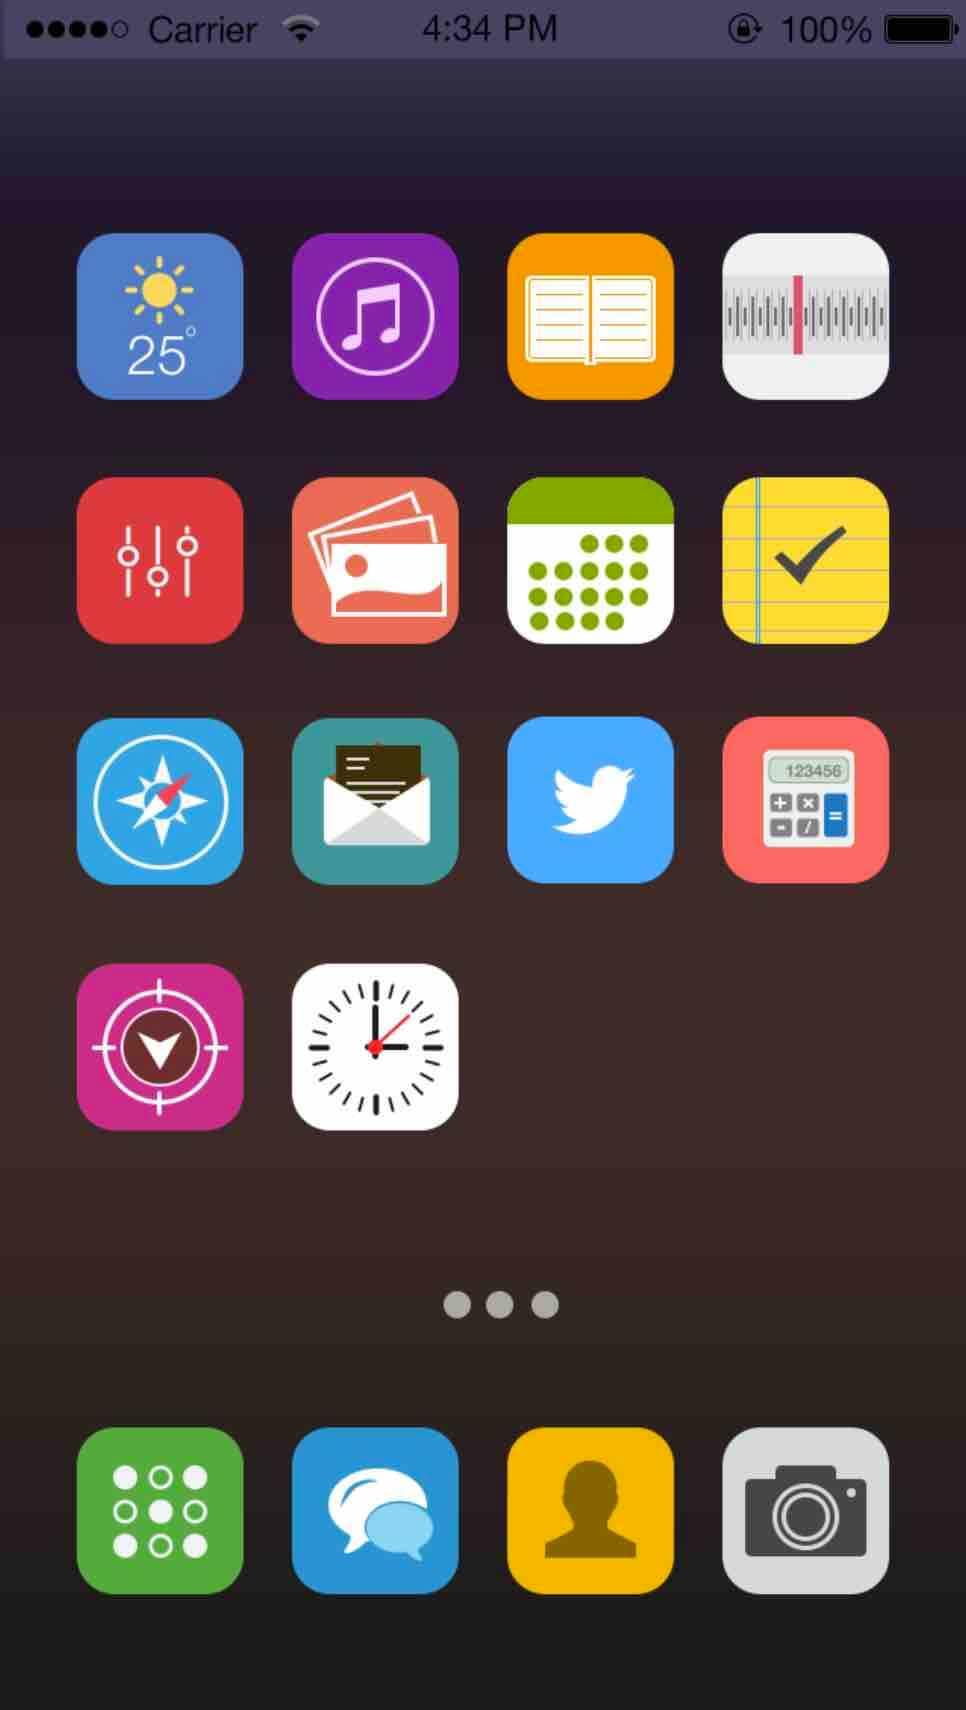 充满活力的iOS图标集插图